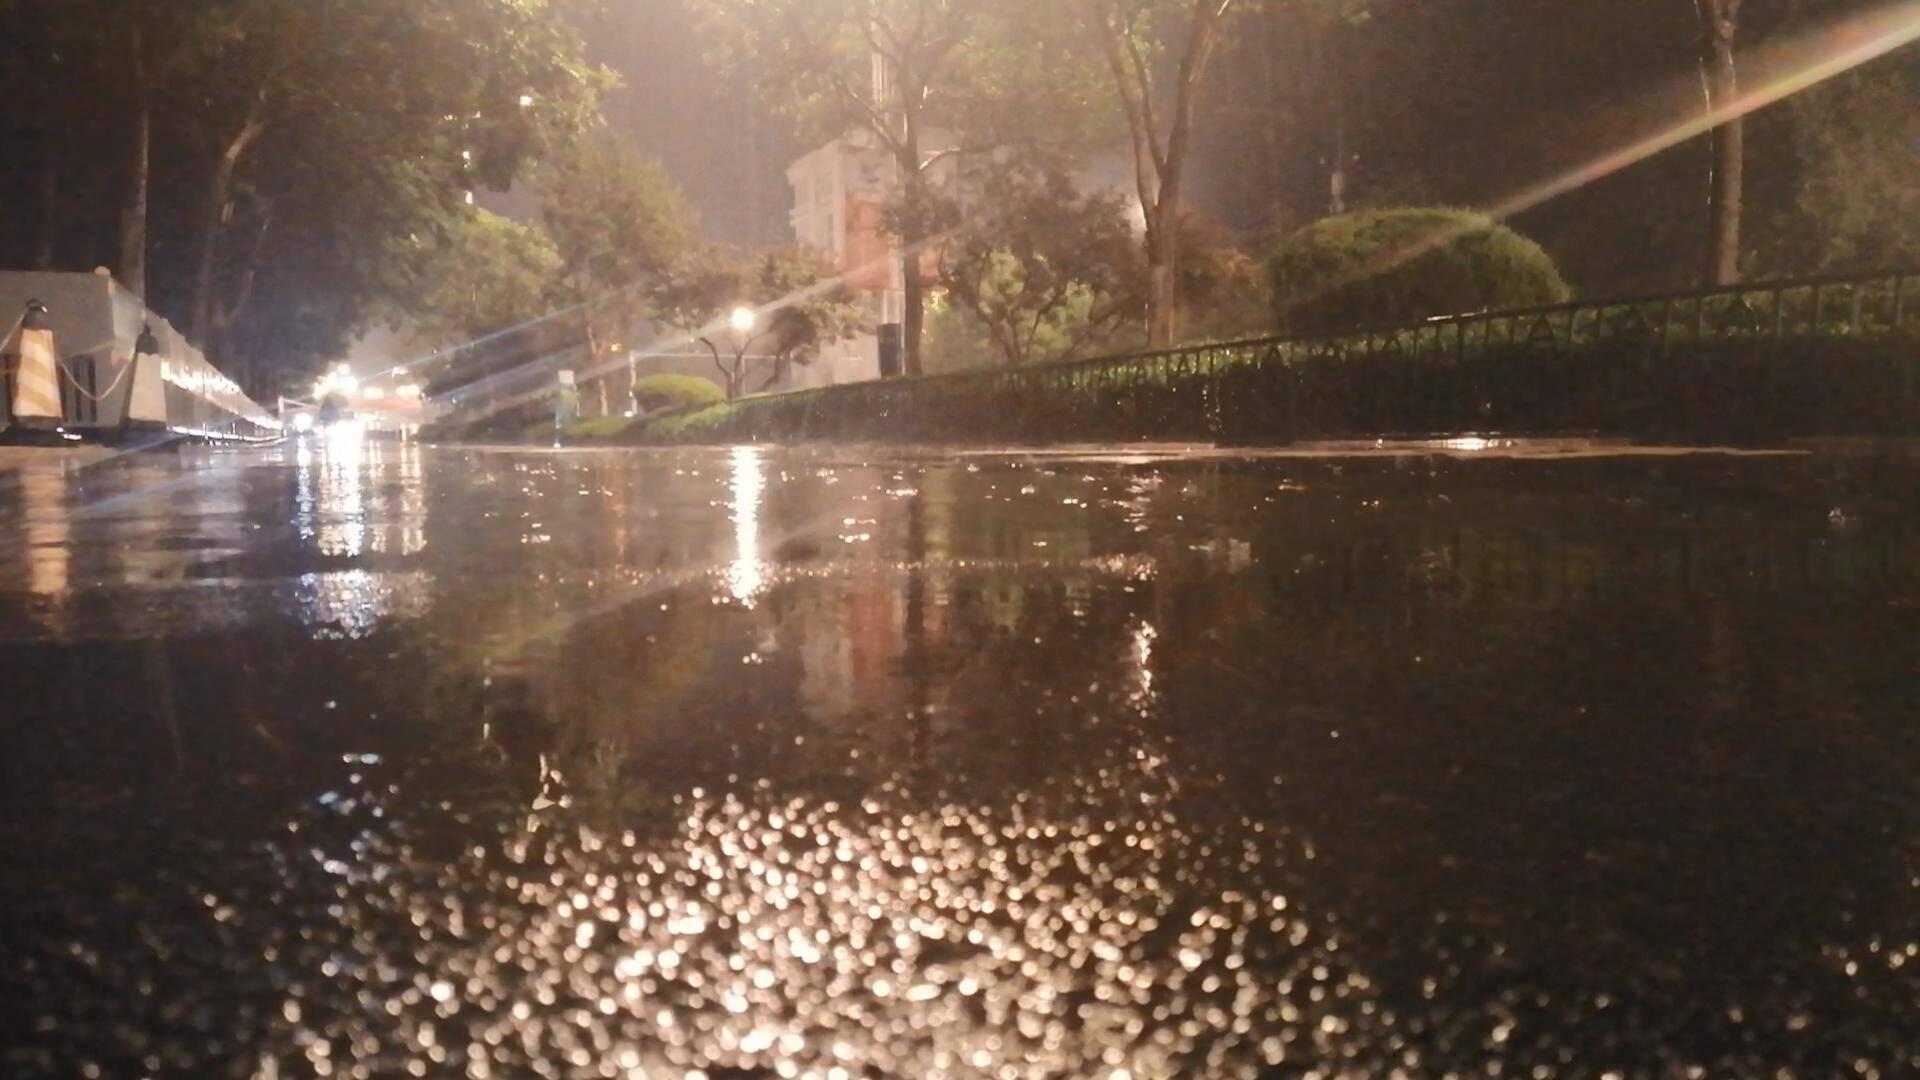 凌晨济南开始降雨、伴有闷雷和闪电不止,山东多地发布暴雨预警信号